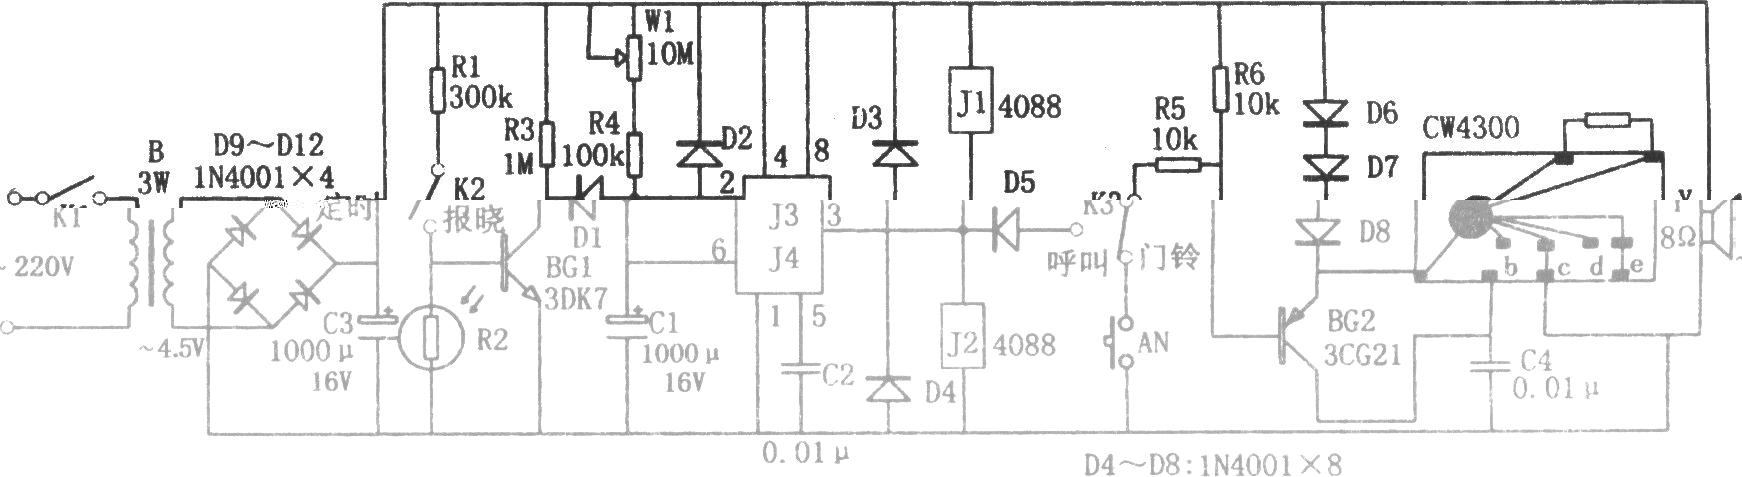 多功能定时呼叫电路设计分析